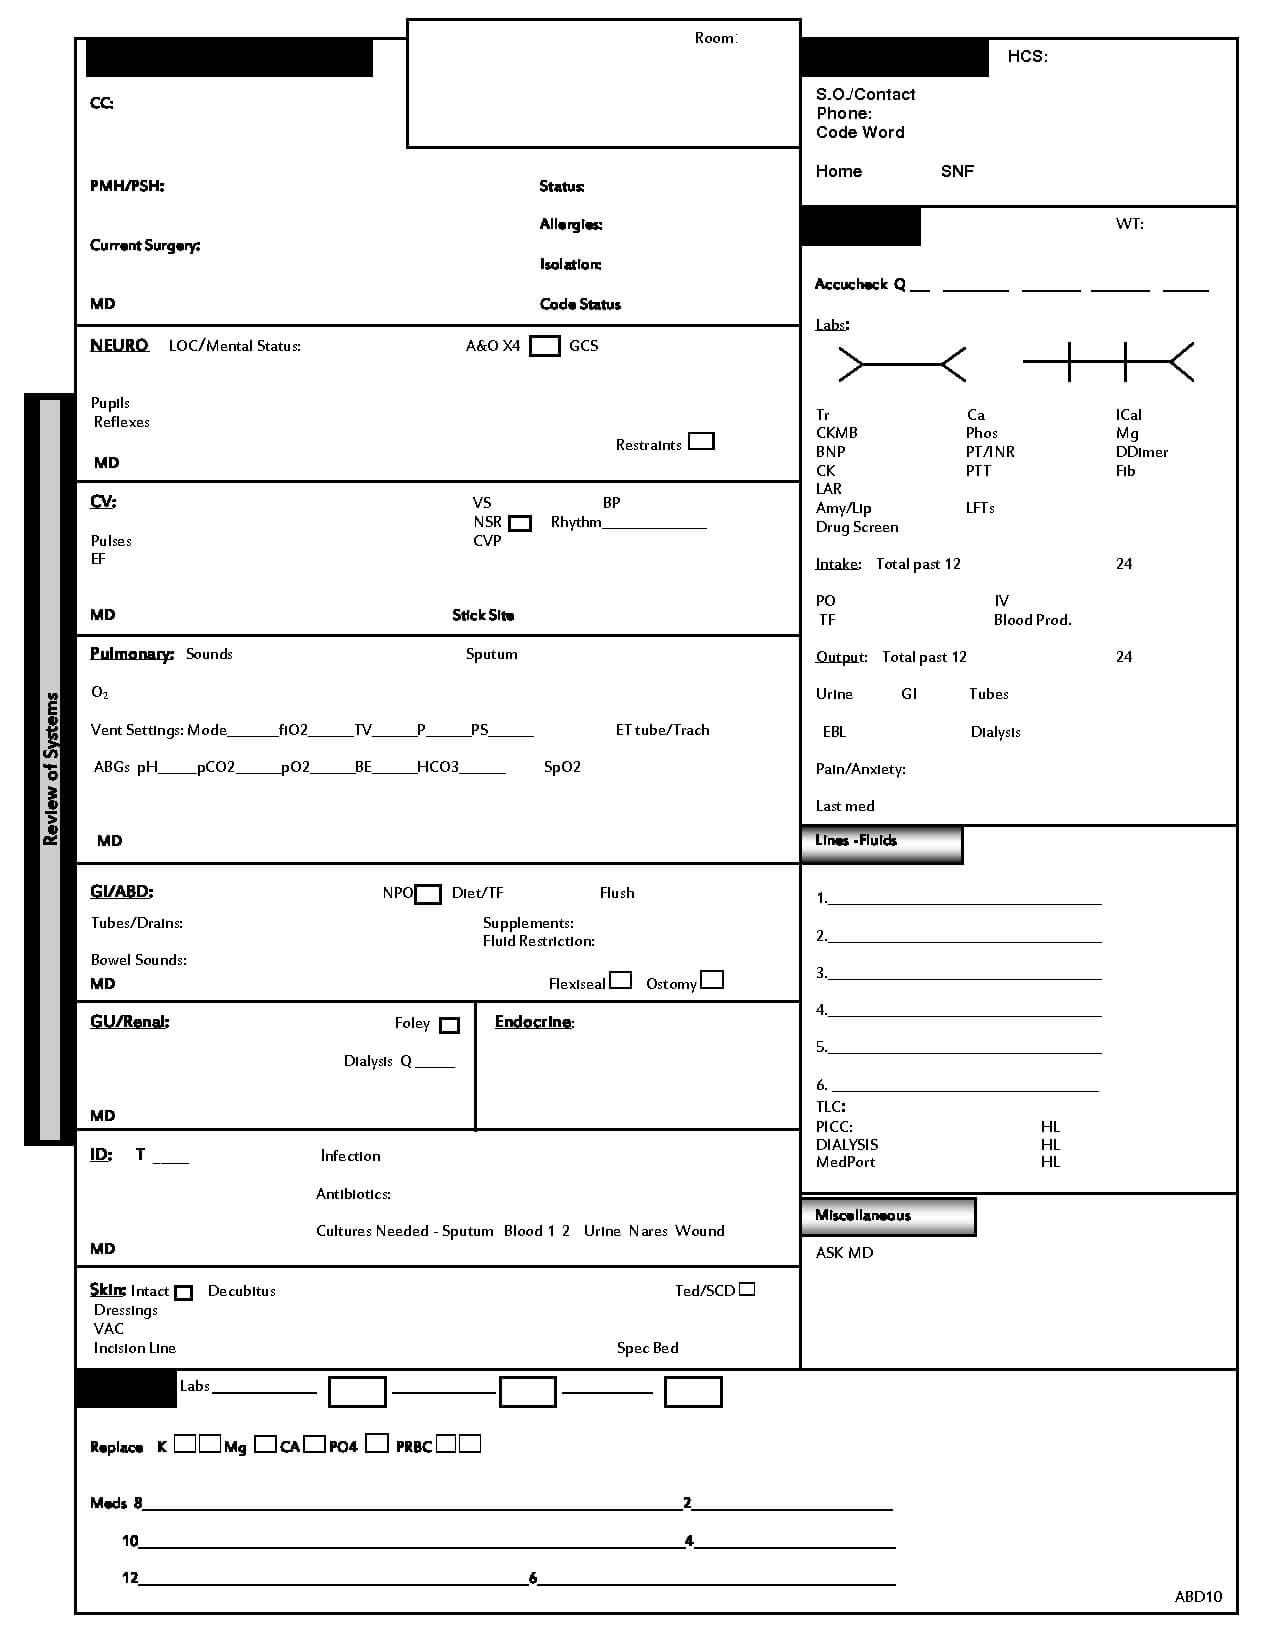 Icu Nurse Report Sheet Template | Nurse Report Sheet, Nurse Pertaining To Icu Report Template